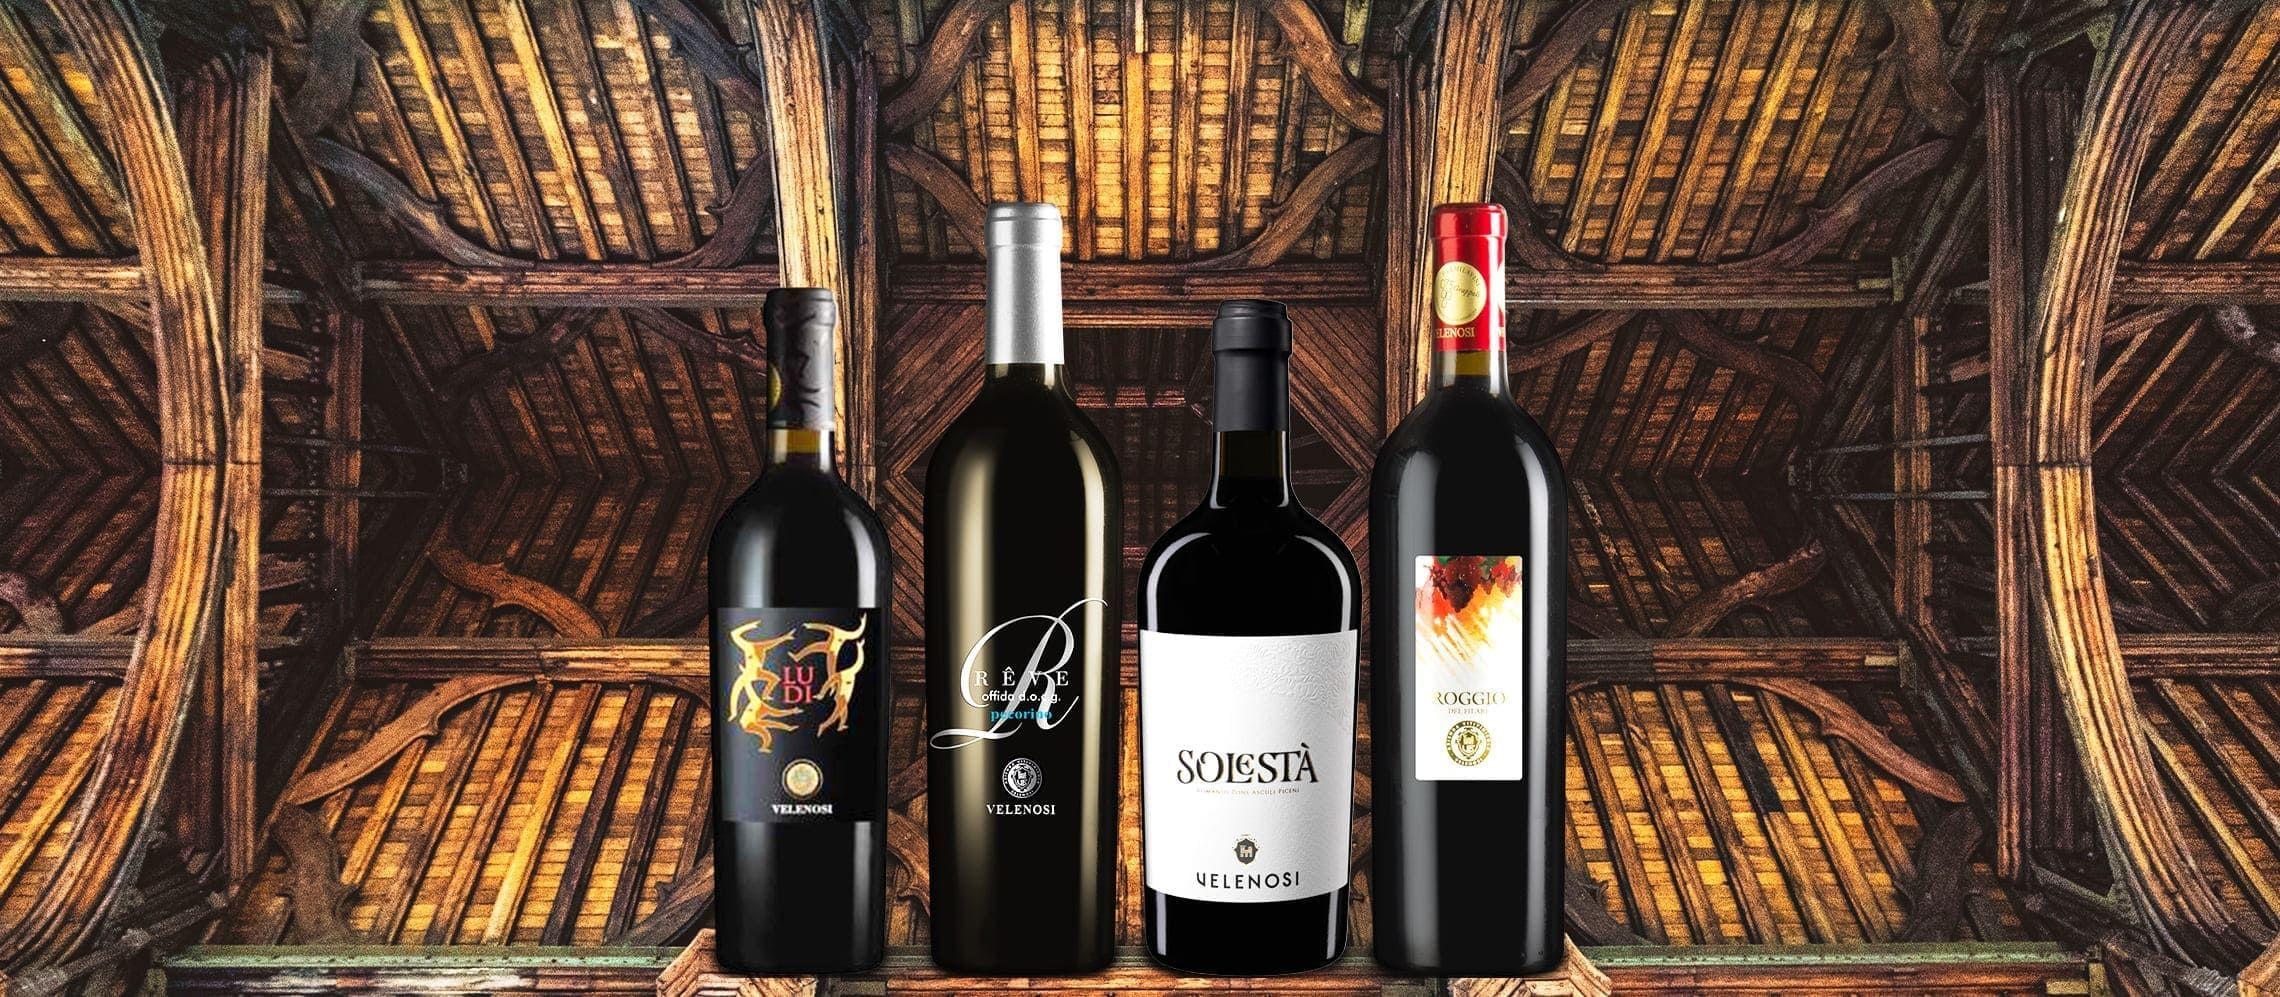 Photo for: Finest Four for Italian Winery Velenosi Vini